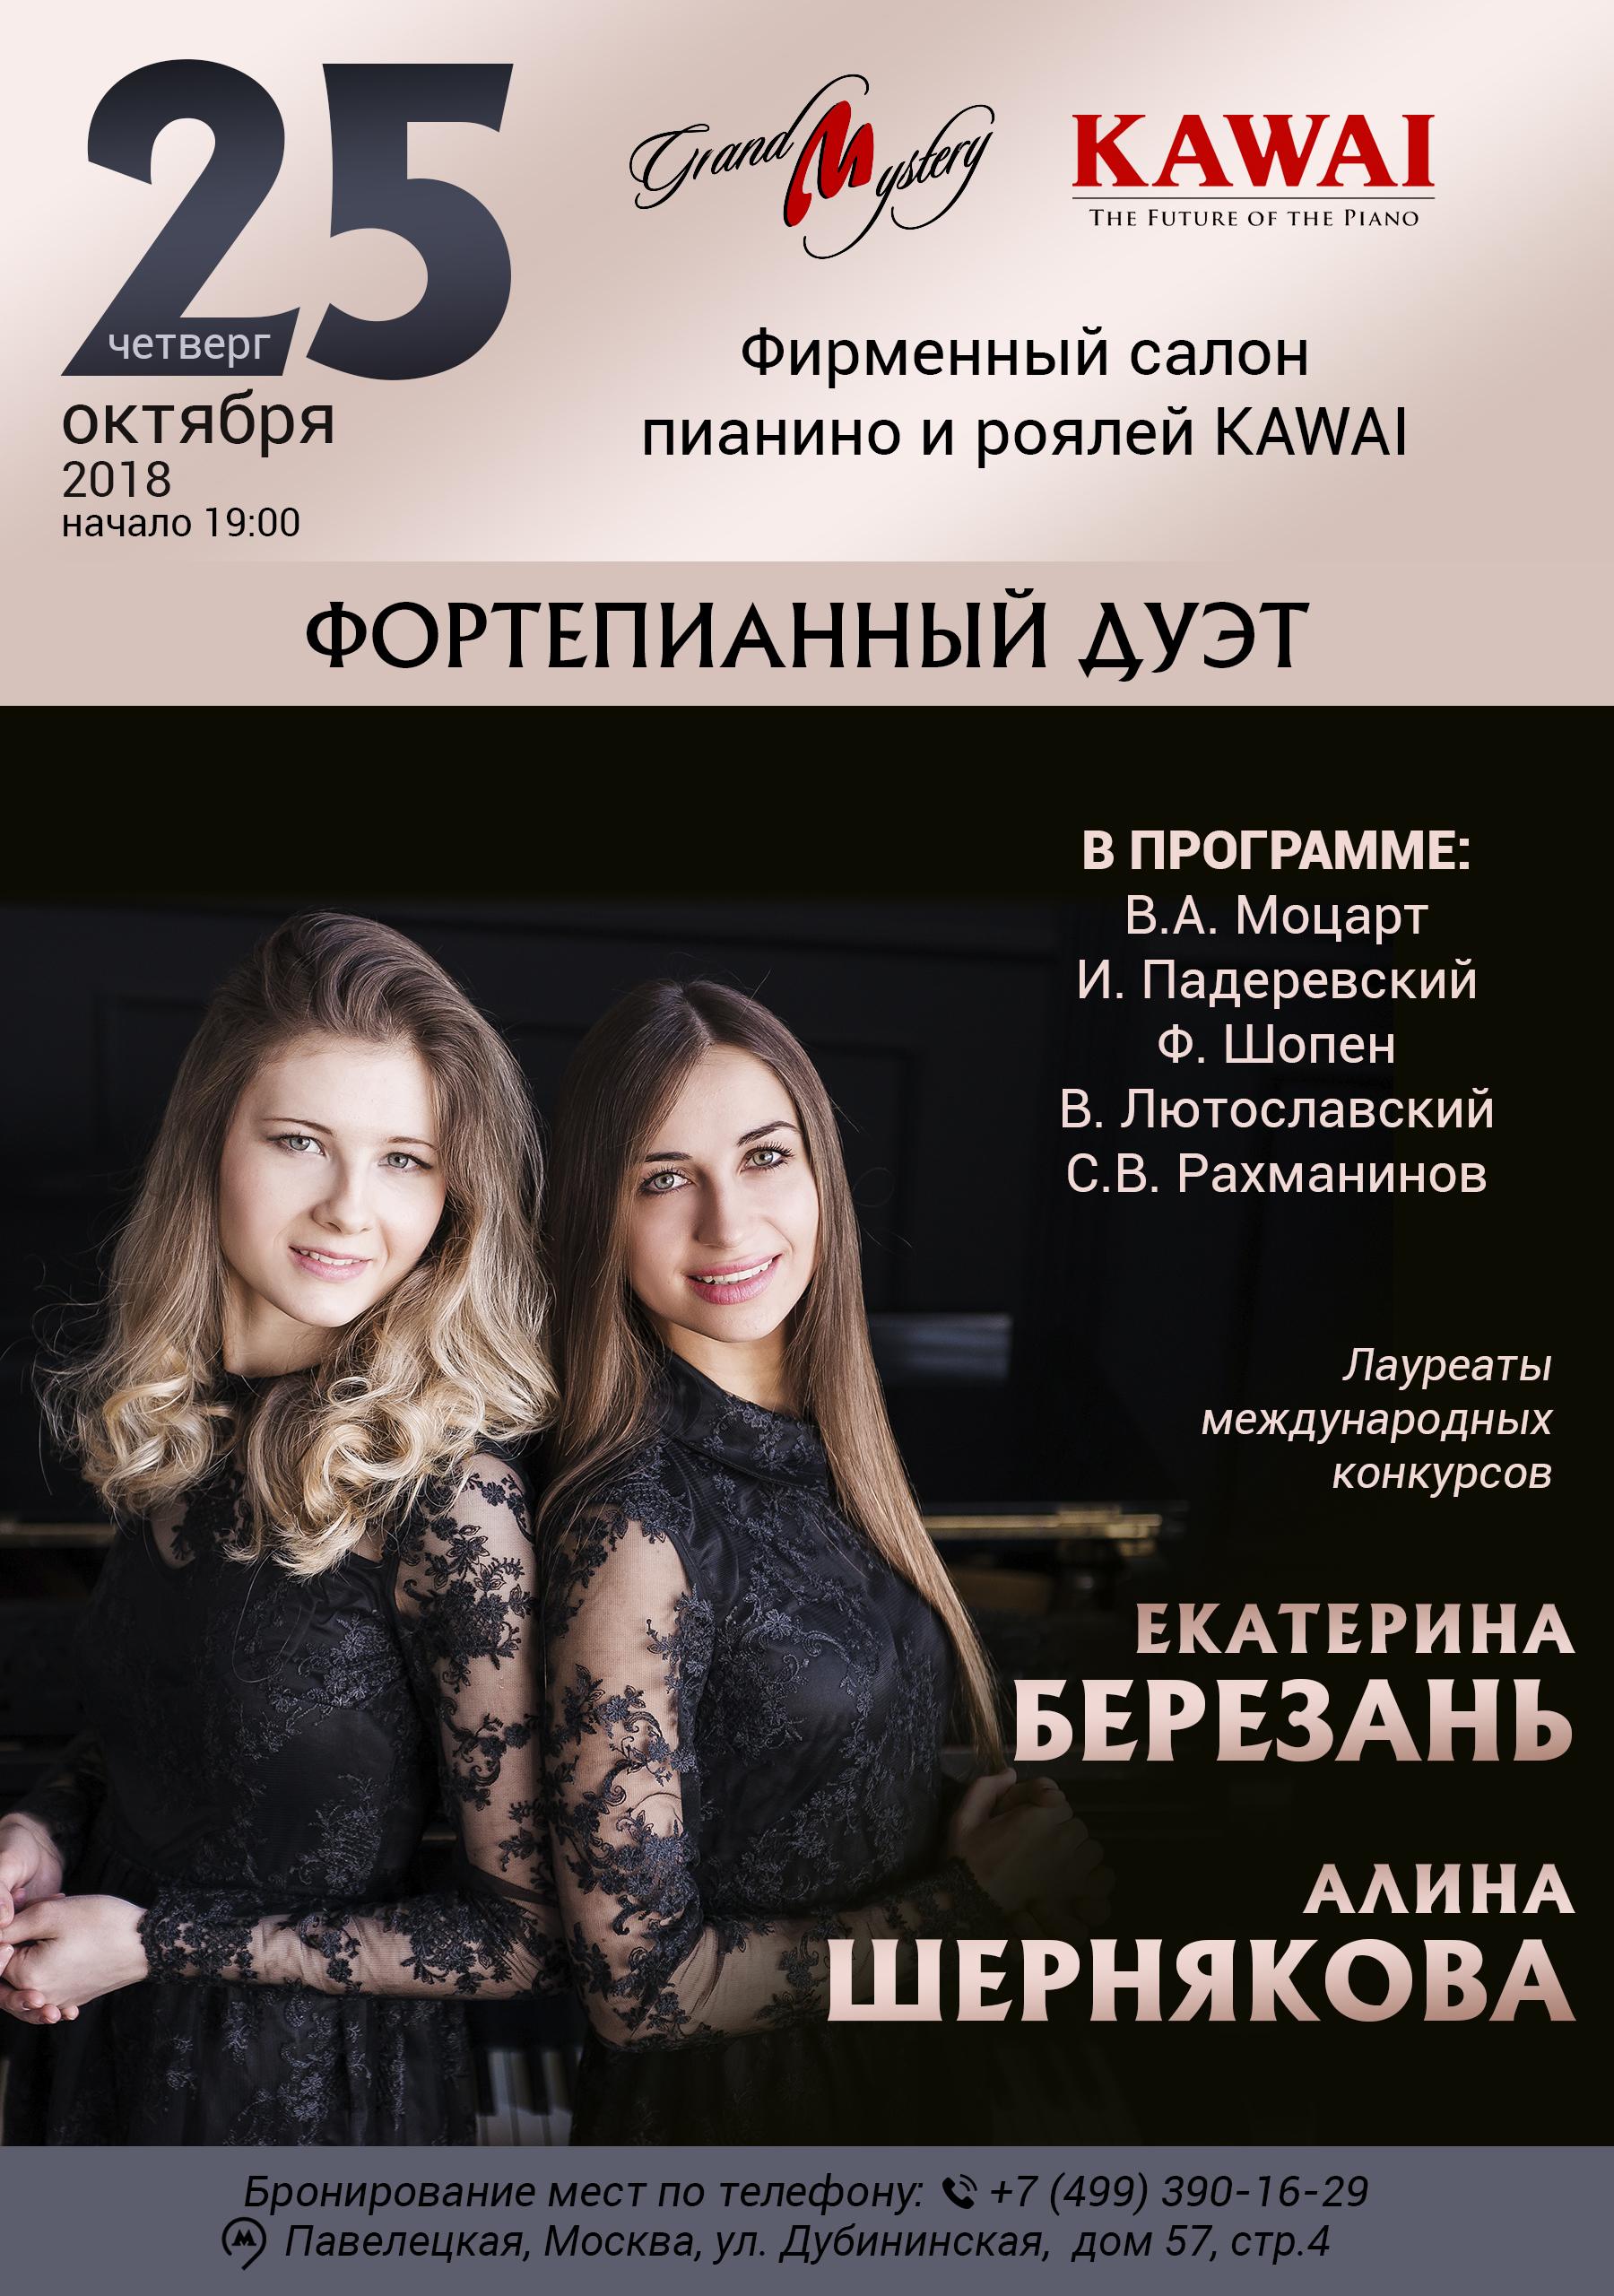 Концерт Алины Шерняковой и Екатерины Березань